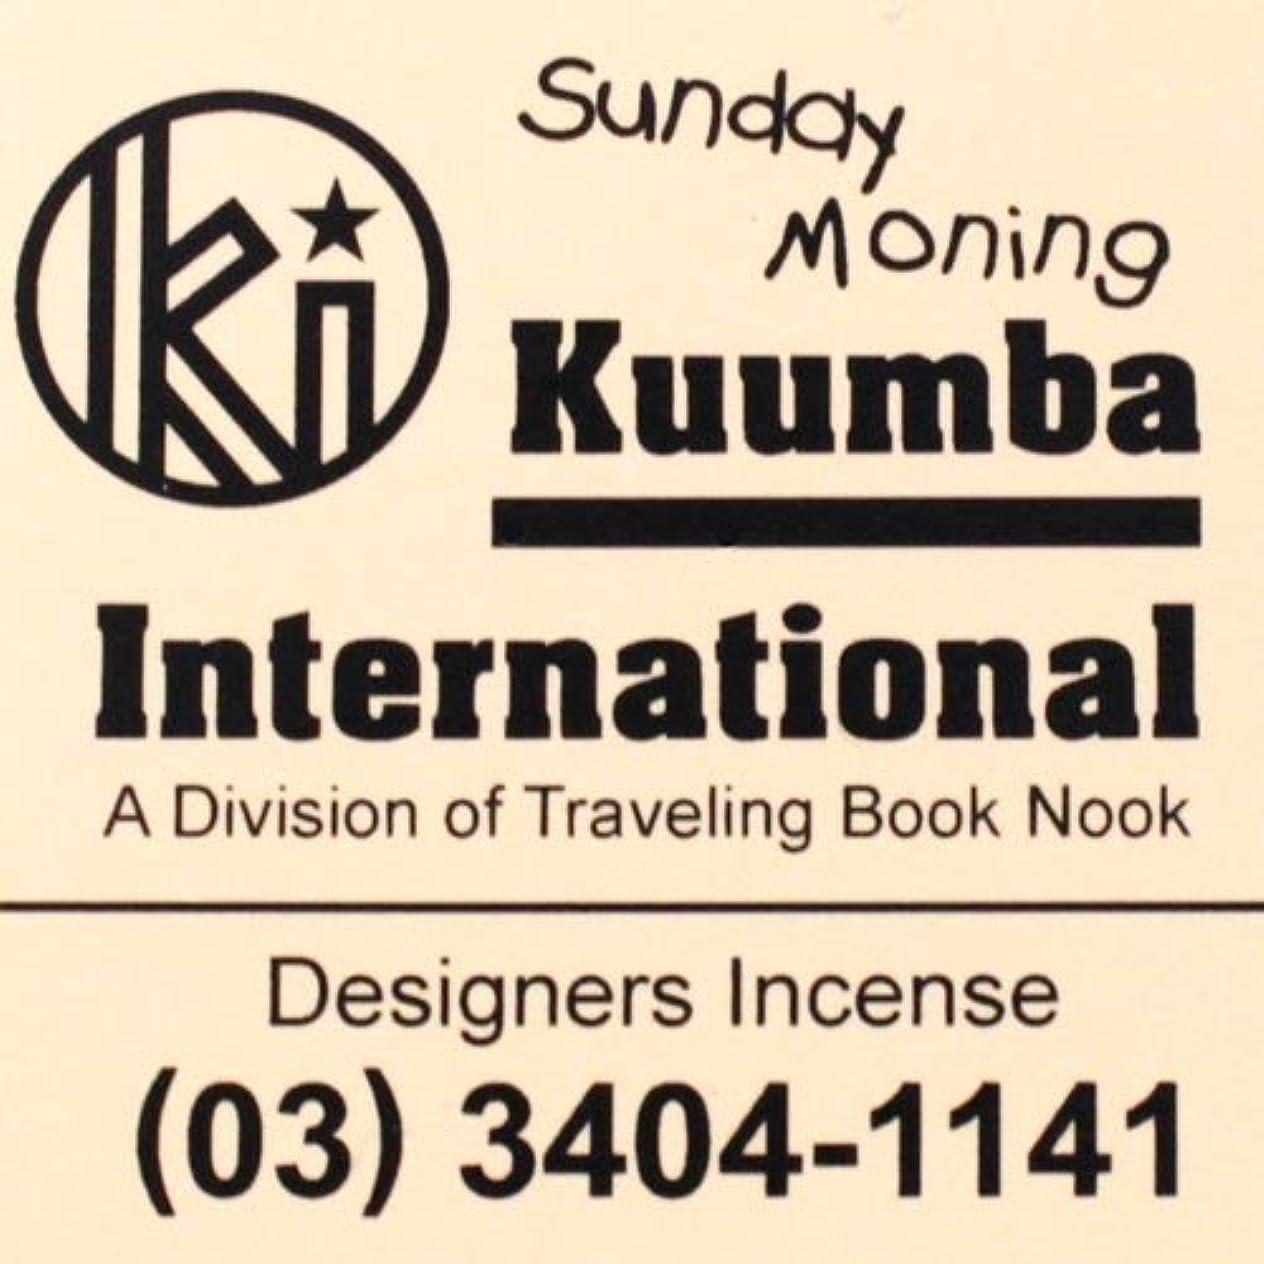 ファーザーファージュ行進マーキー(クンバ) KUUMBA『incense』(Sunday Morning) (Regular size)